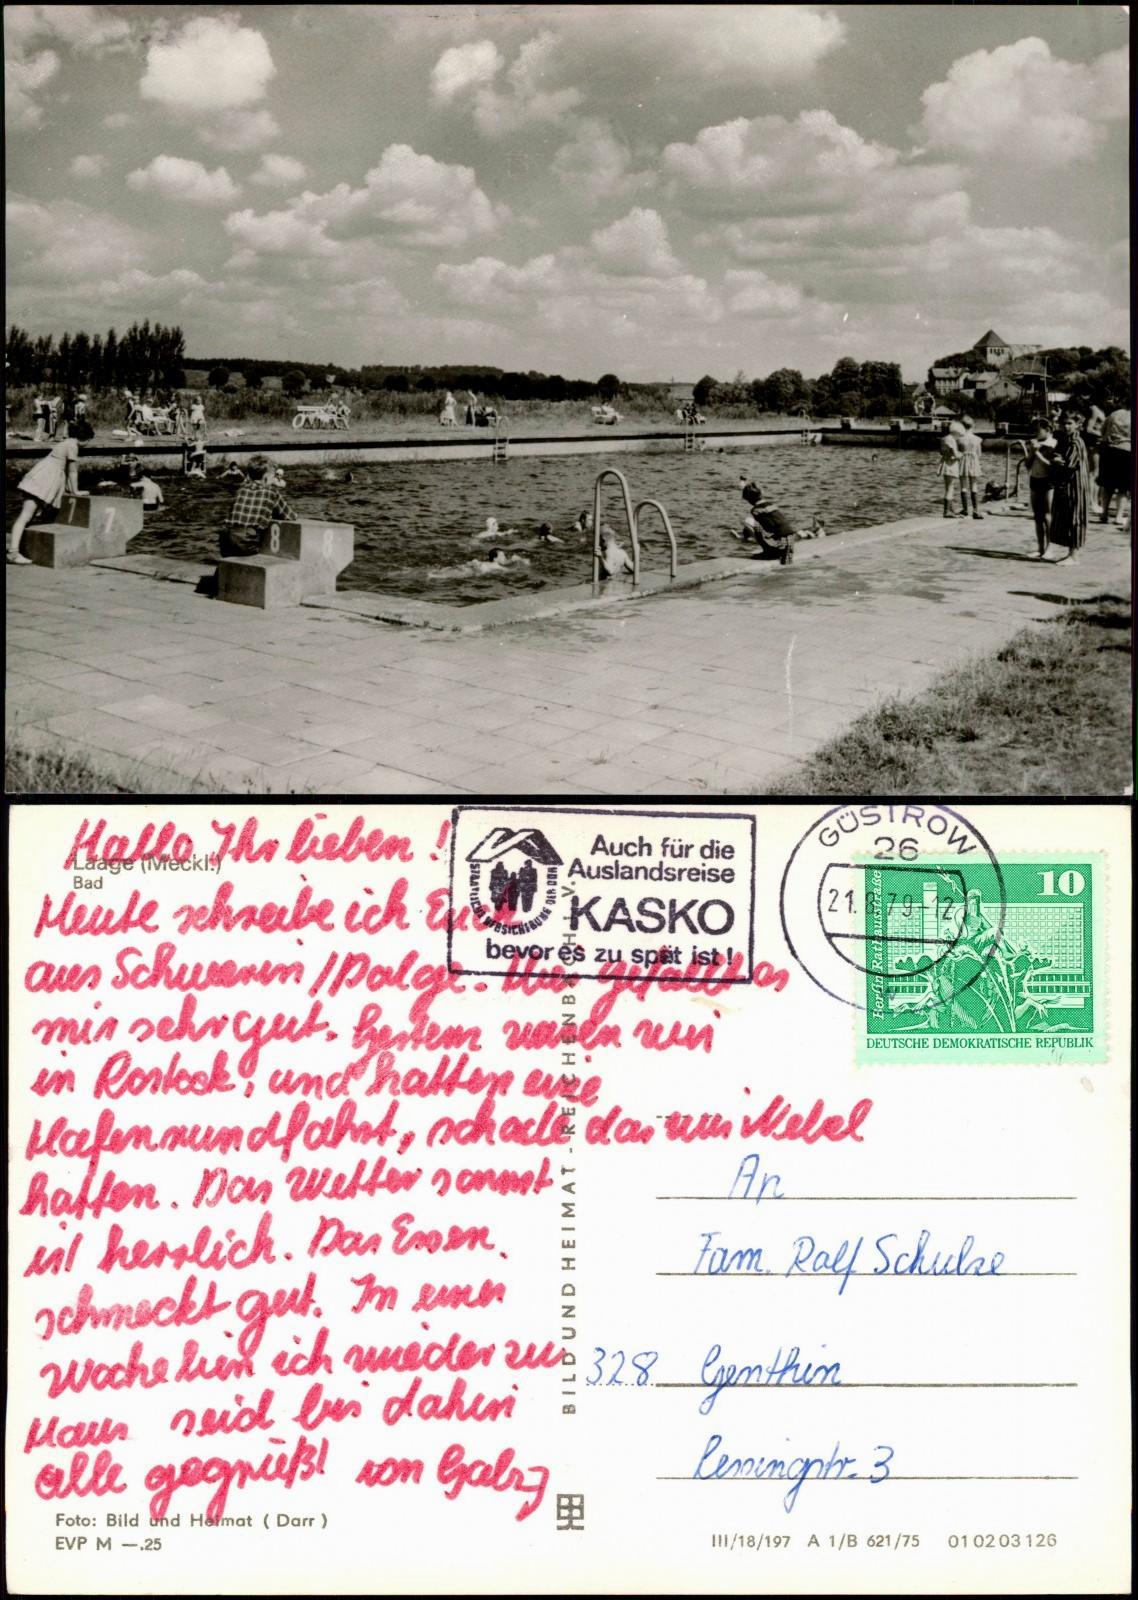 Ansichtskarte Laage (Mecklenburg) Freibad Schwimmbad zu DDR-Zeiten 1979/1975